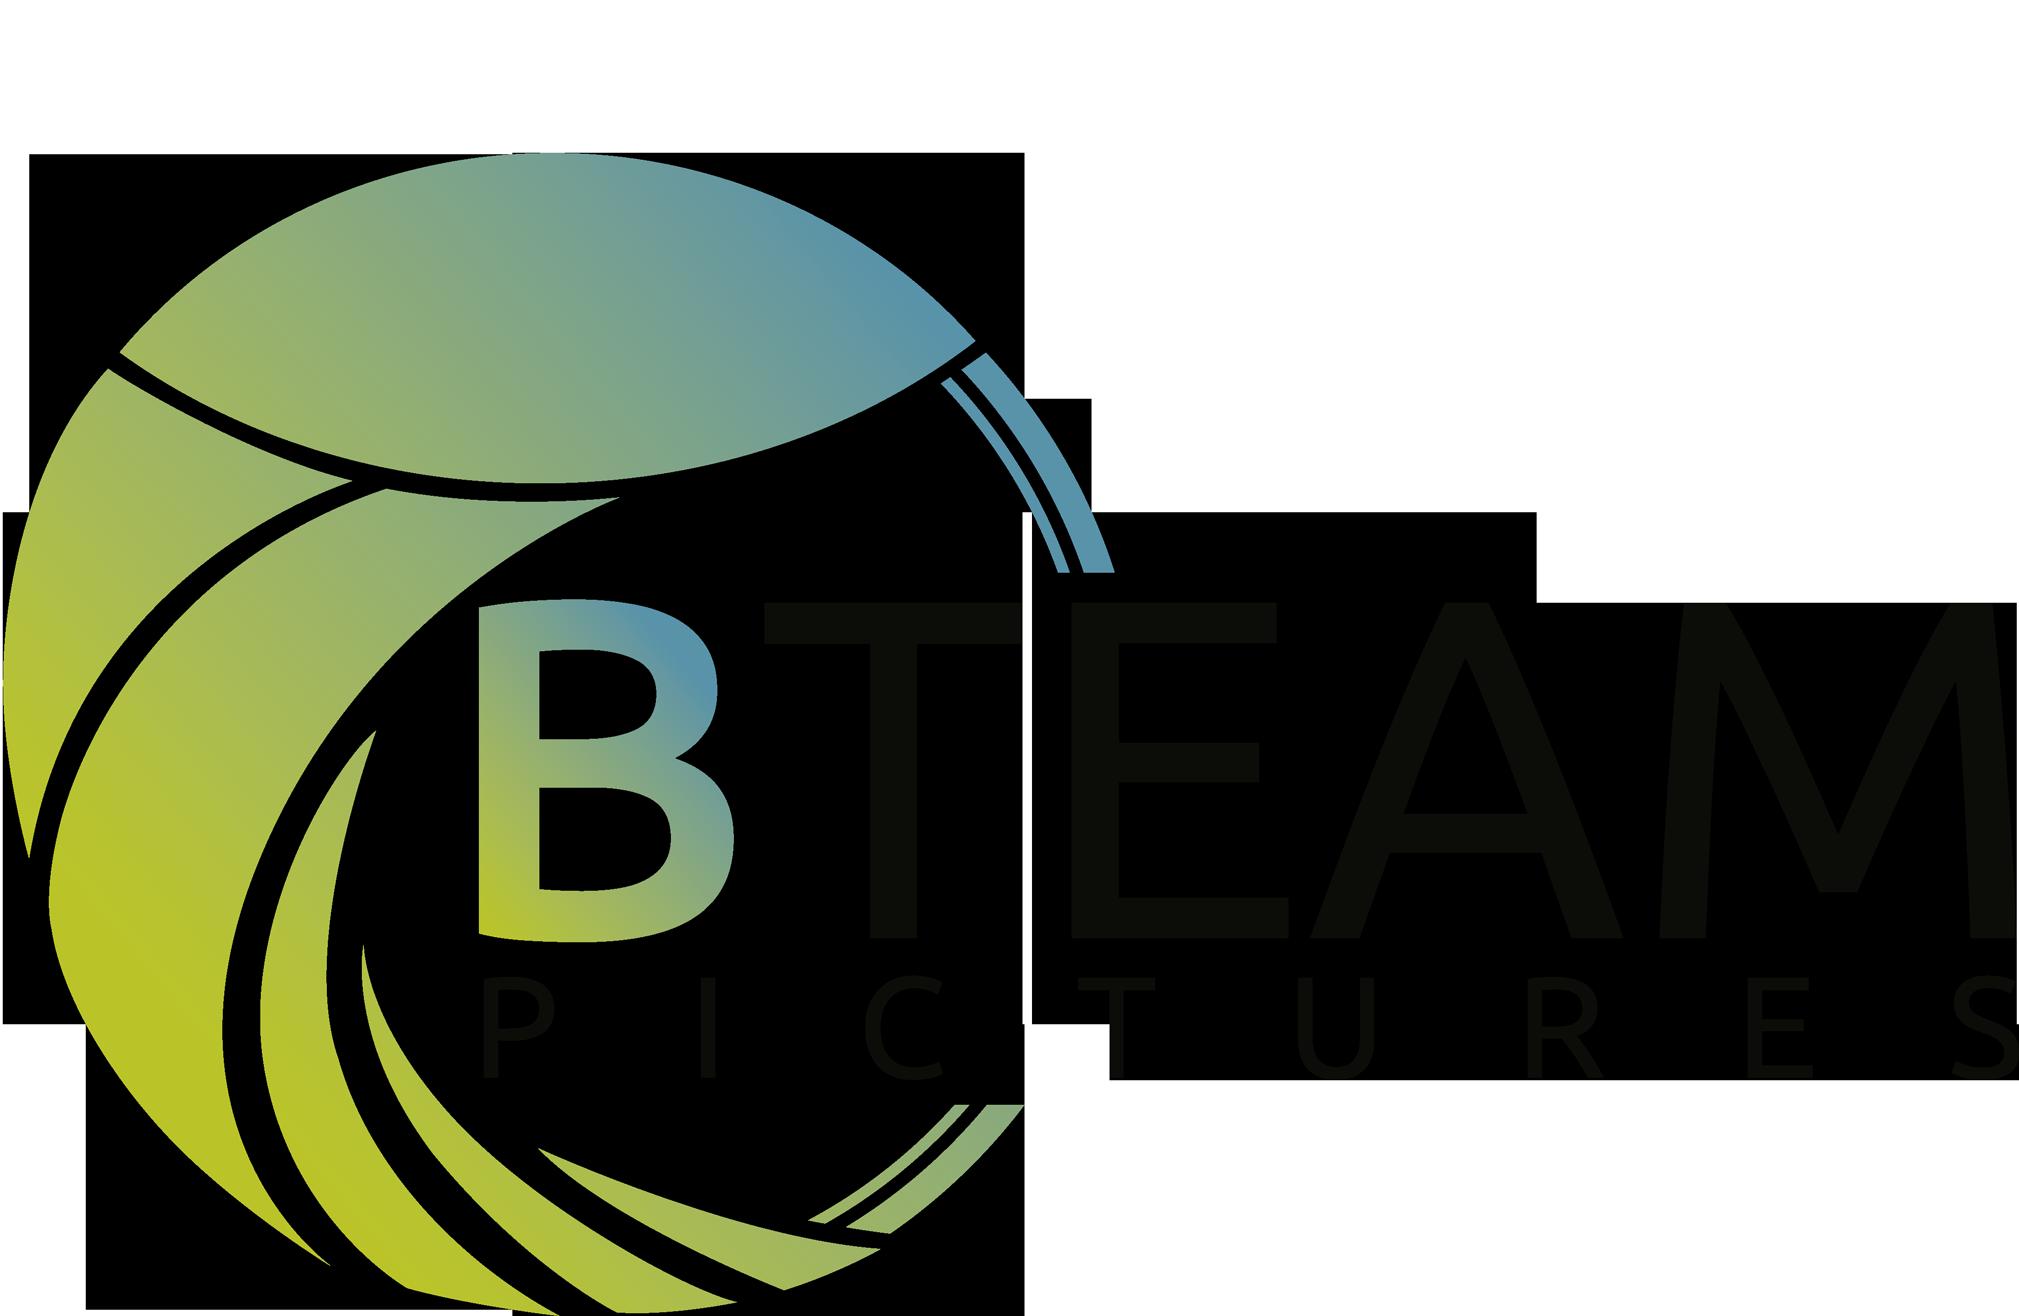 resultado-de-imagen-de-bteam-logos-la-virgen-de-agosto-de-jons-trueba--estreno-15-de-agosto